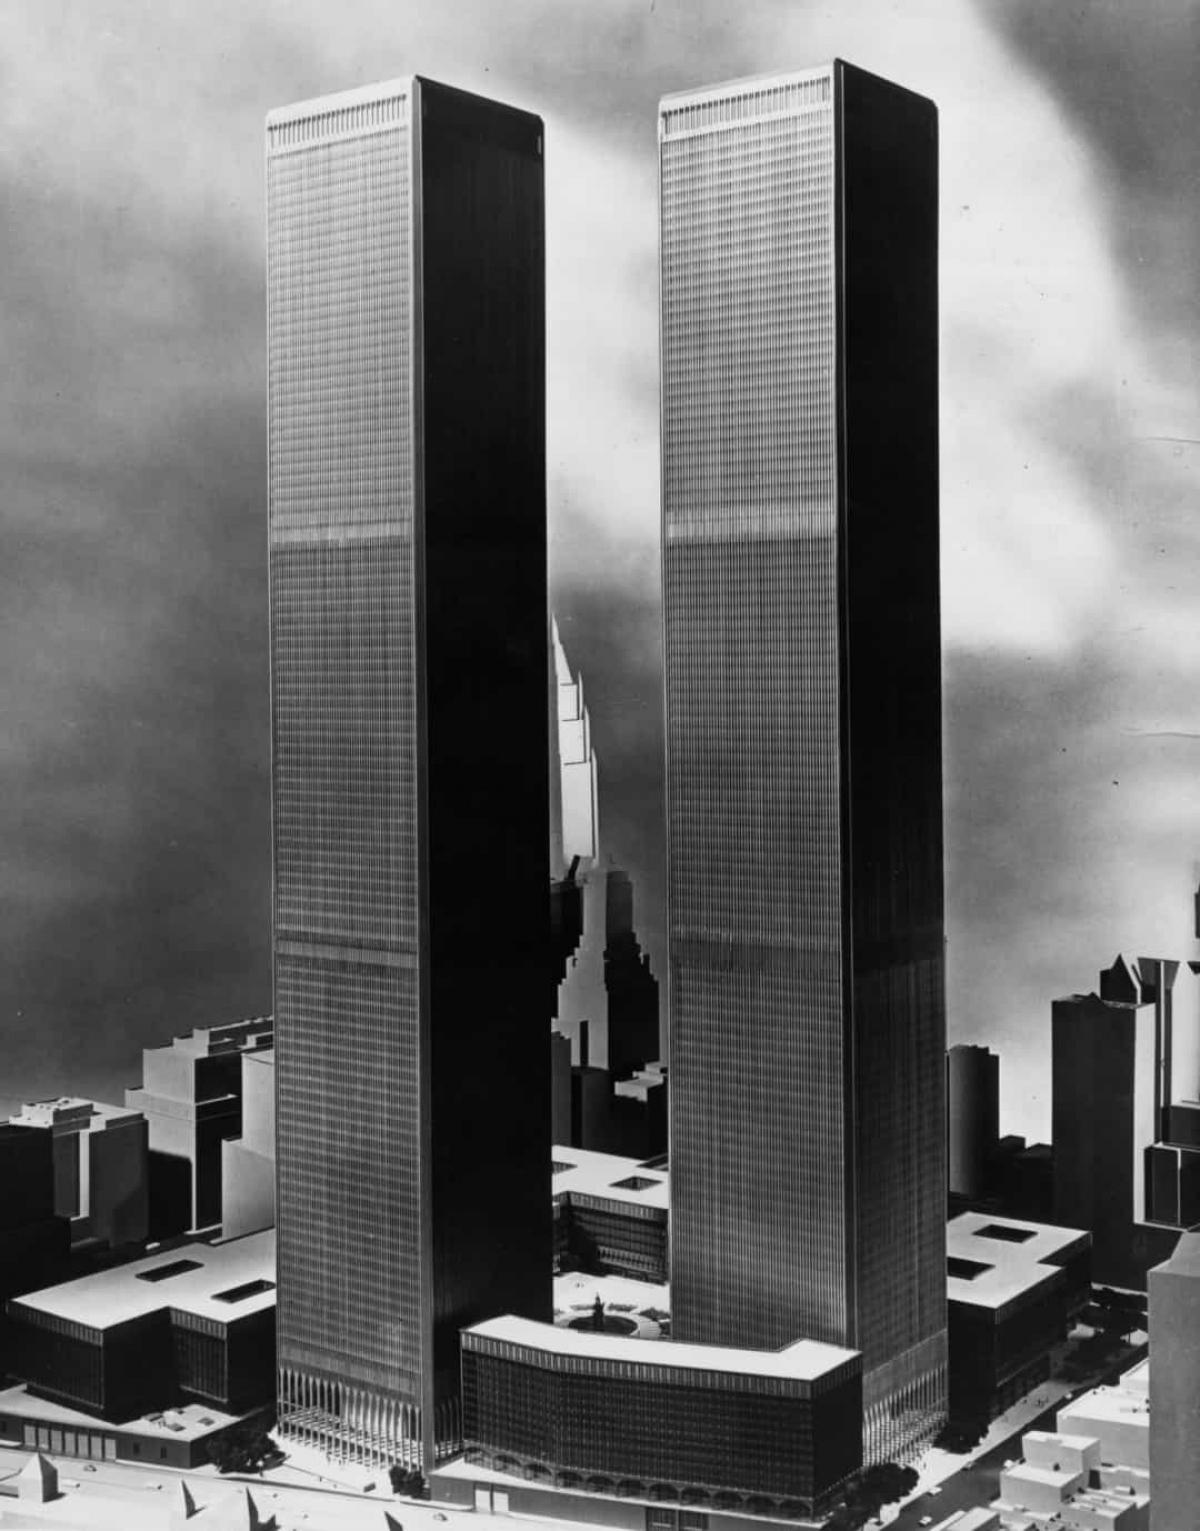 Hầu hết các tòa nhà cao tầng ở New York được xây dựng bằng cách xếp chồng kính và thép, nhưng ông Yamasaki đã đề xuất một thiết kế gồm 2 ống rỗng được bao quanh các cột thép. Các giàn trên mỗi tầng kết nối các cột này với lõi trung tâm của tòa nhà.